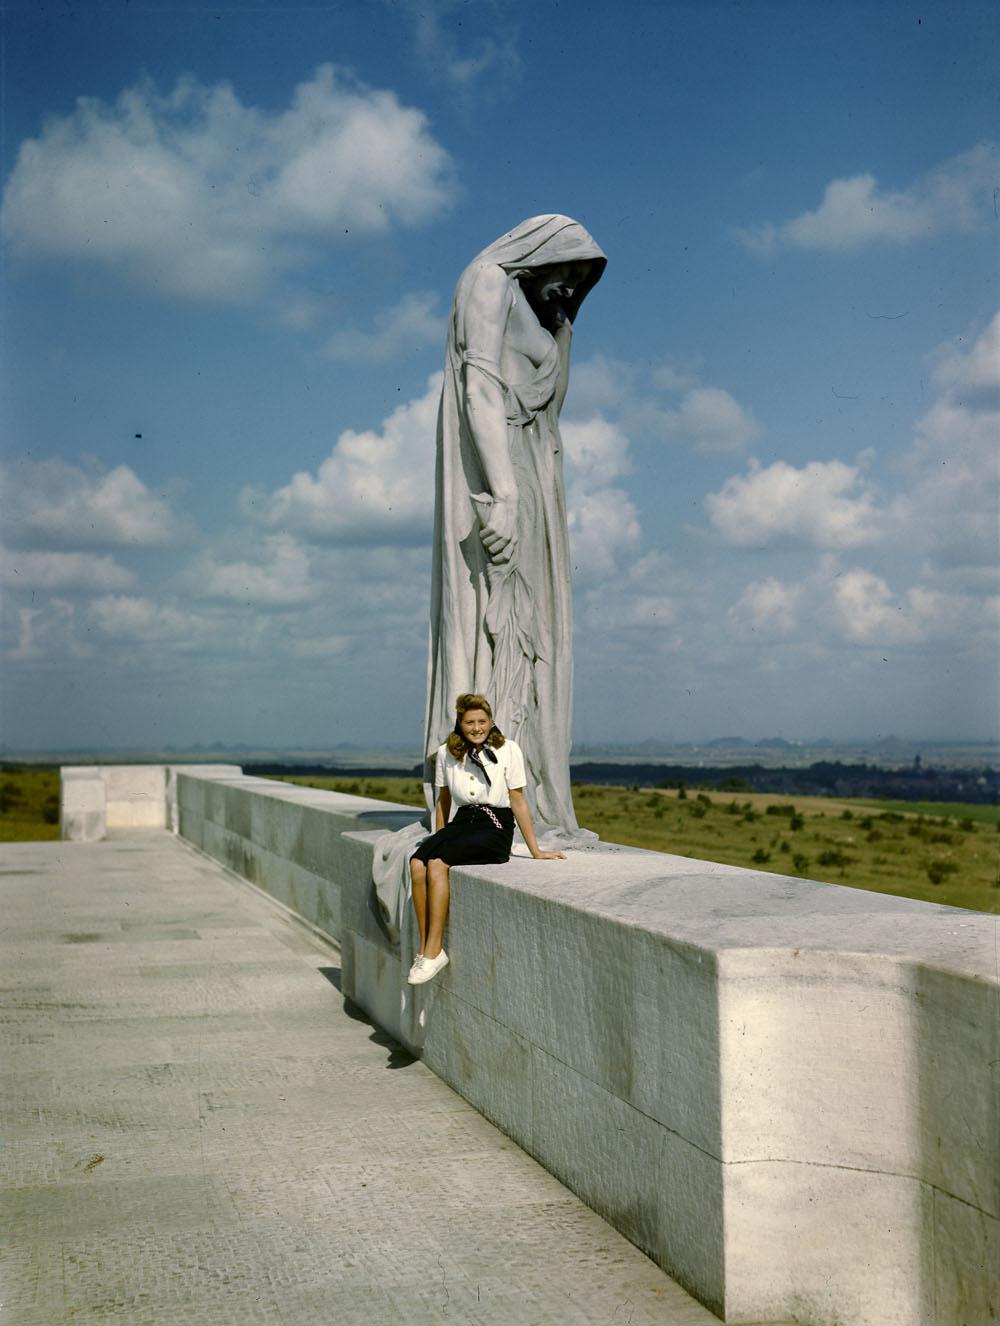 Photographie en couleur d'une jeune femme portant une blouse blanche et une jupe foncée, assise devant une grande statue représentant une femme en deuil.